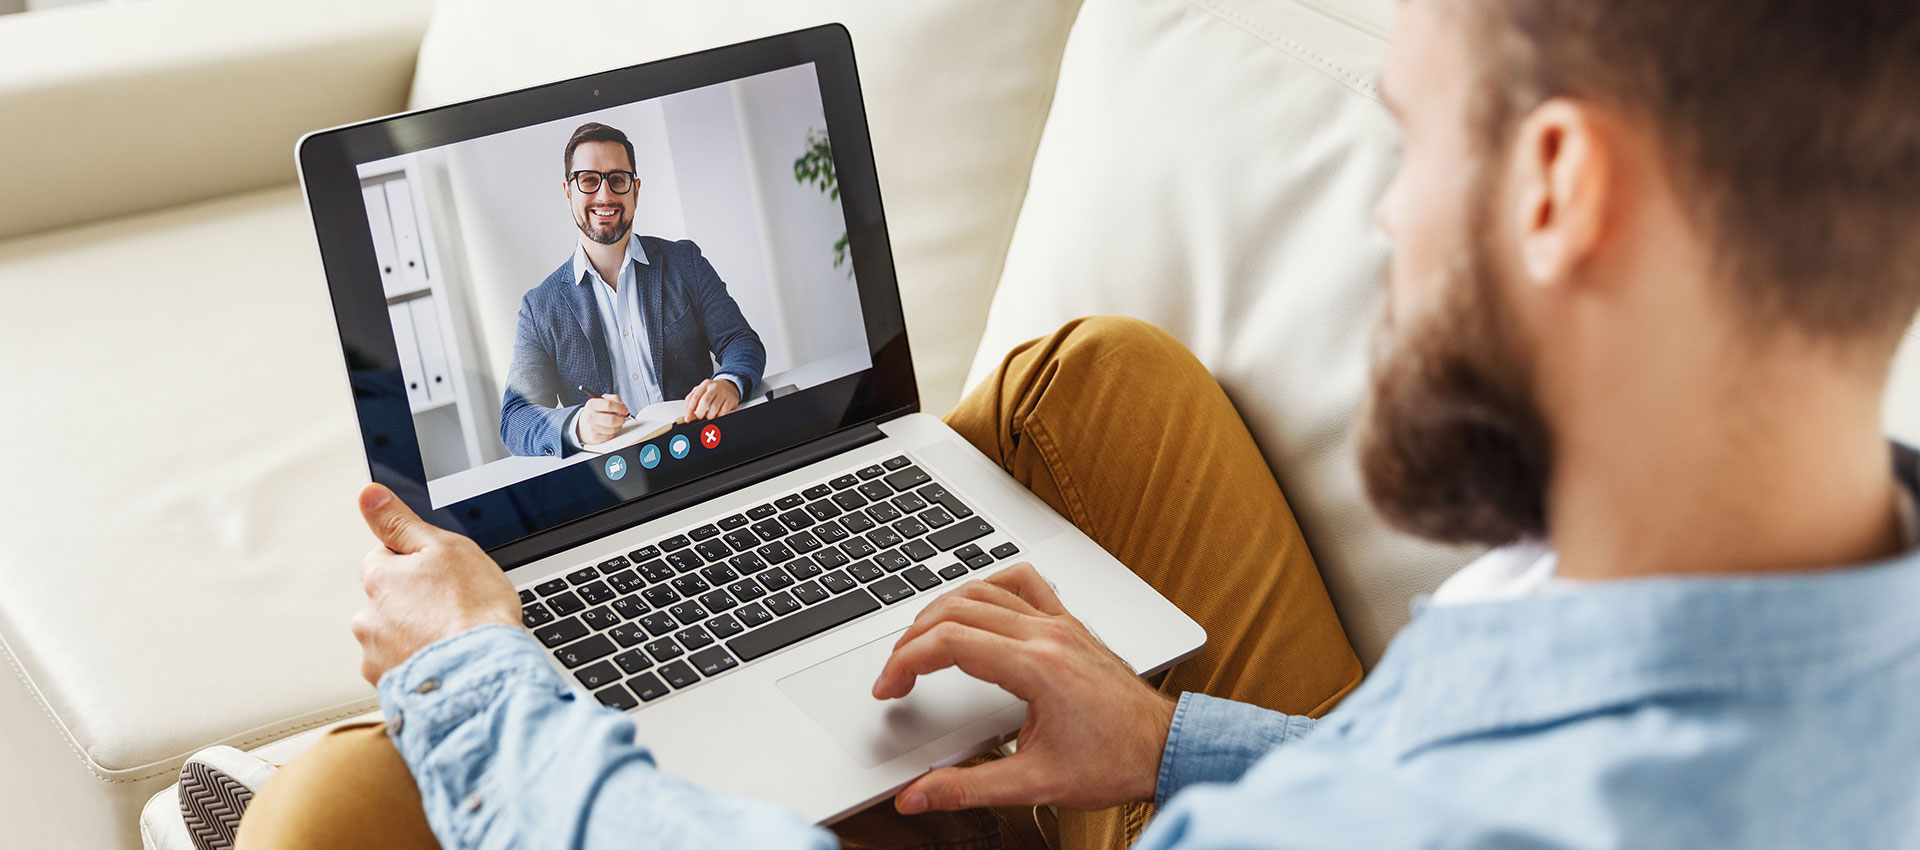 Abbildung Mann mit Laptop im Onlinemeeting